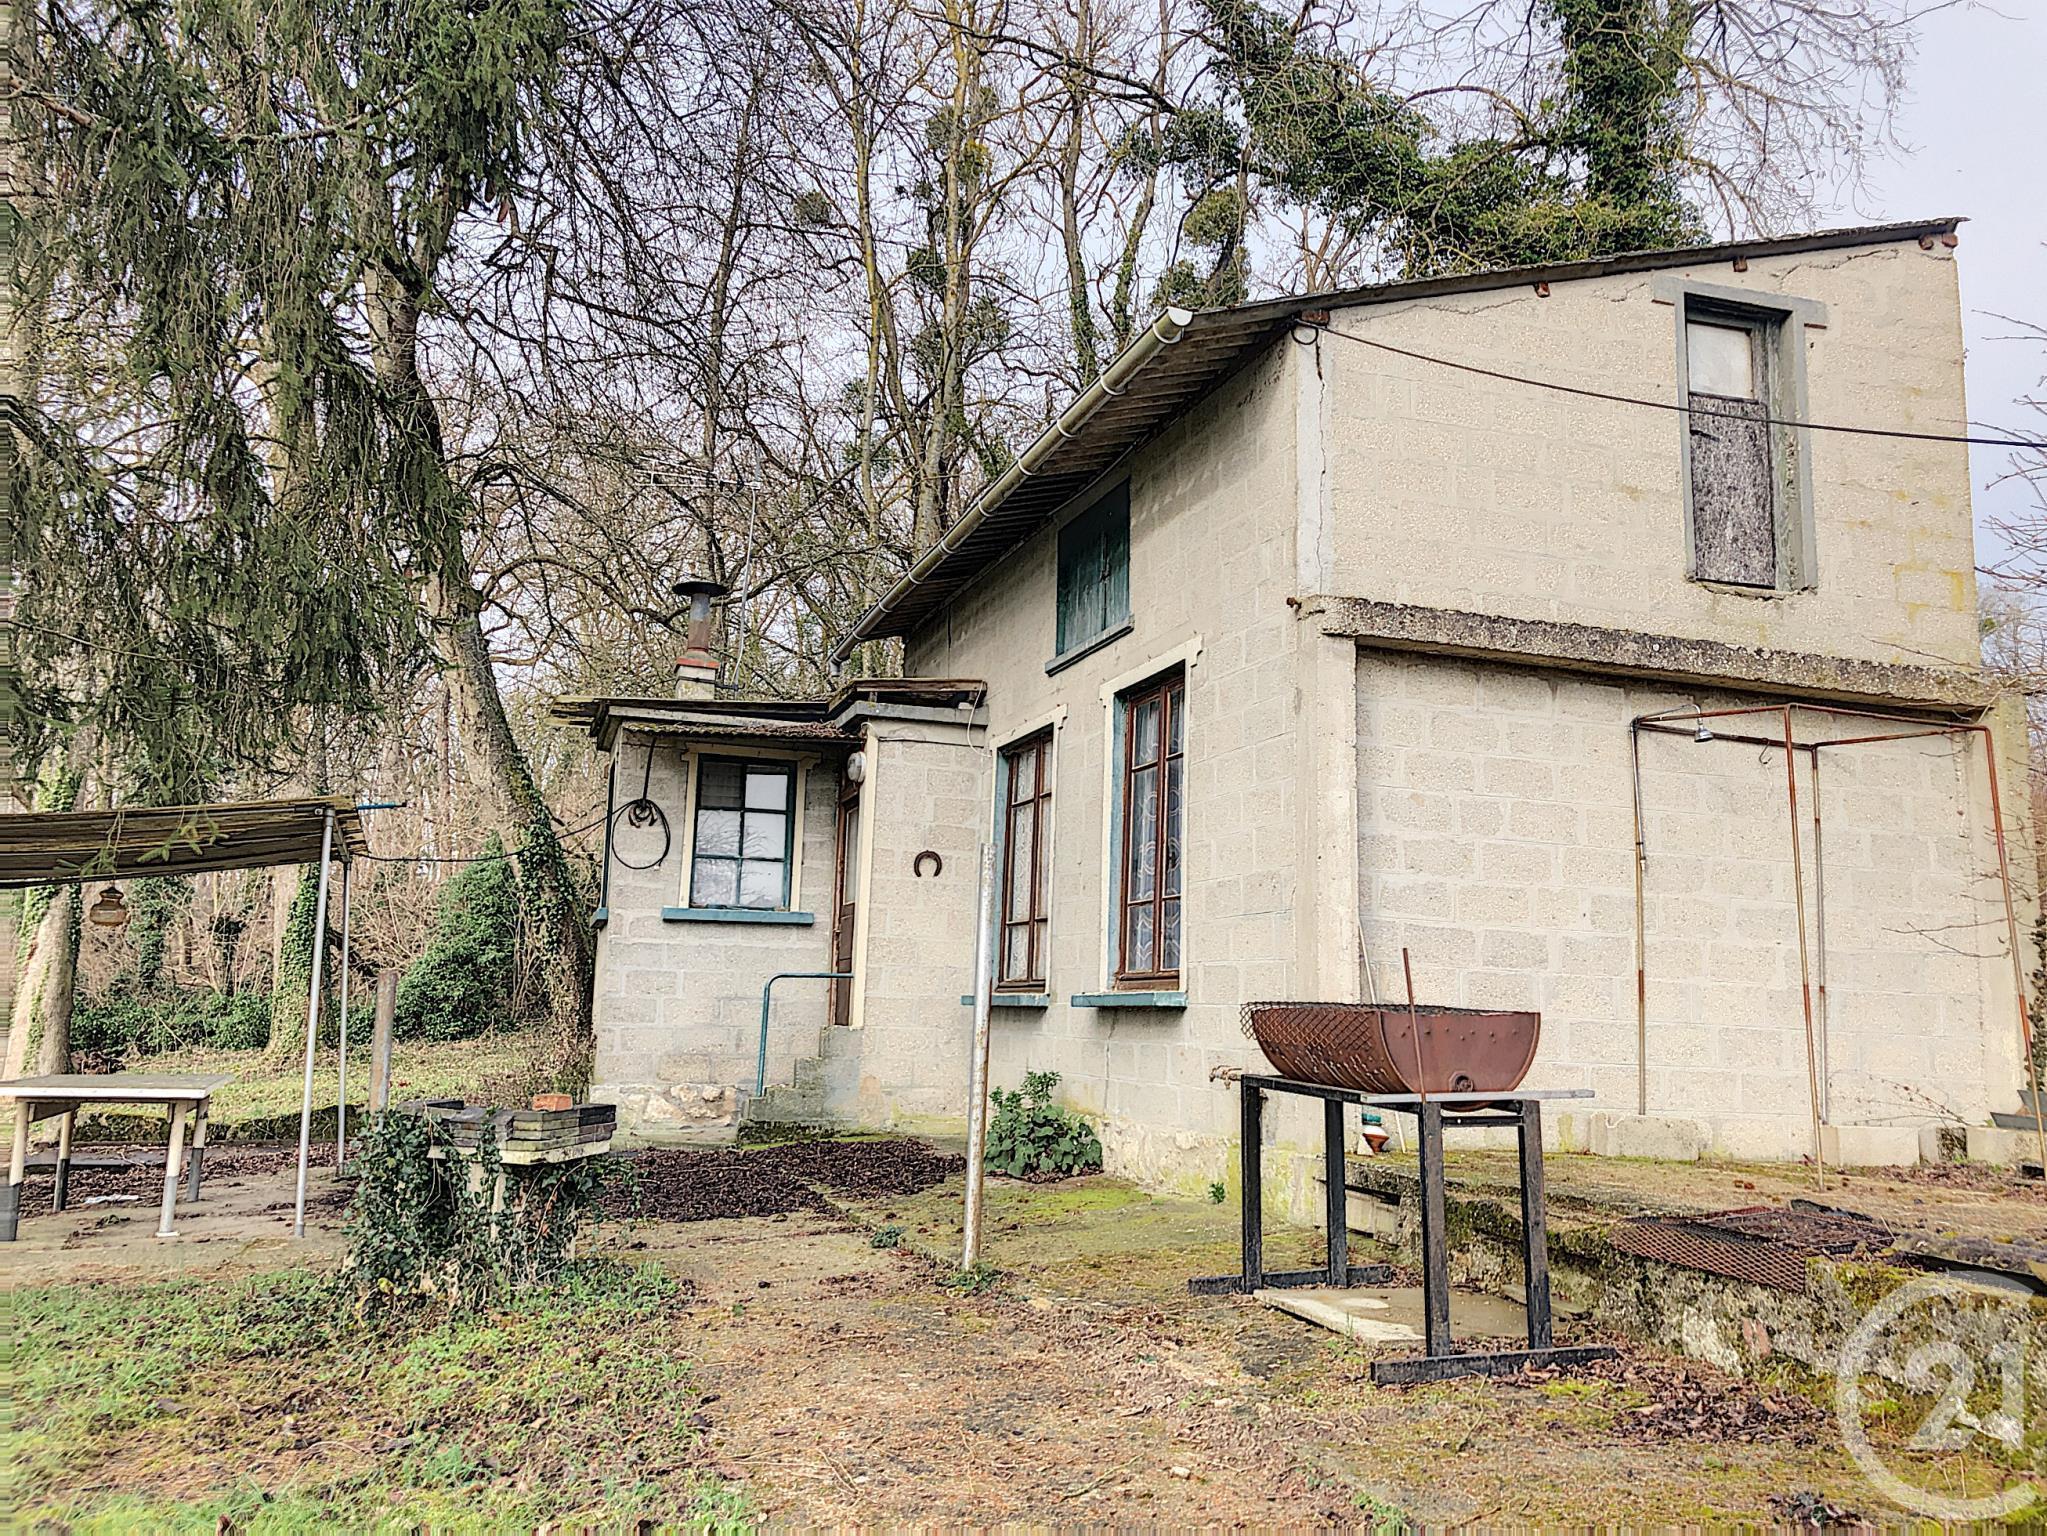 Maison Avec Travaux 77 maison 2 pièces à vendre – dormelles (77130) – ref. 14442